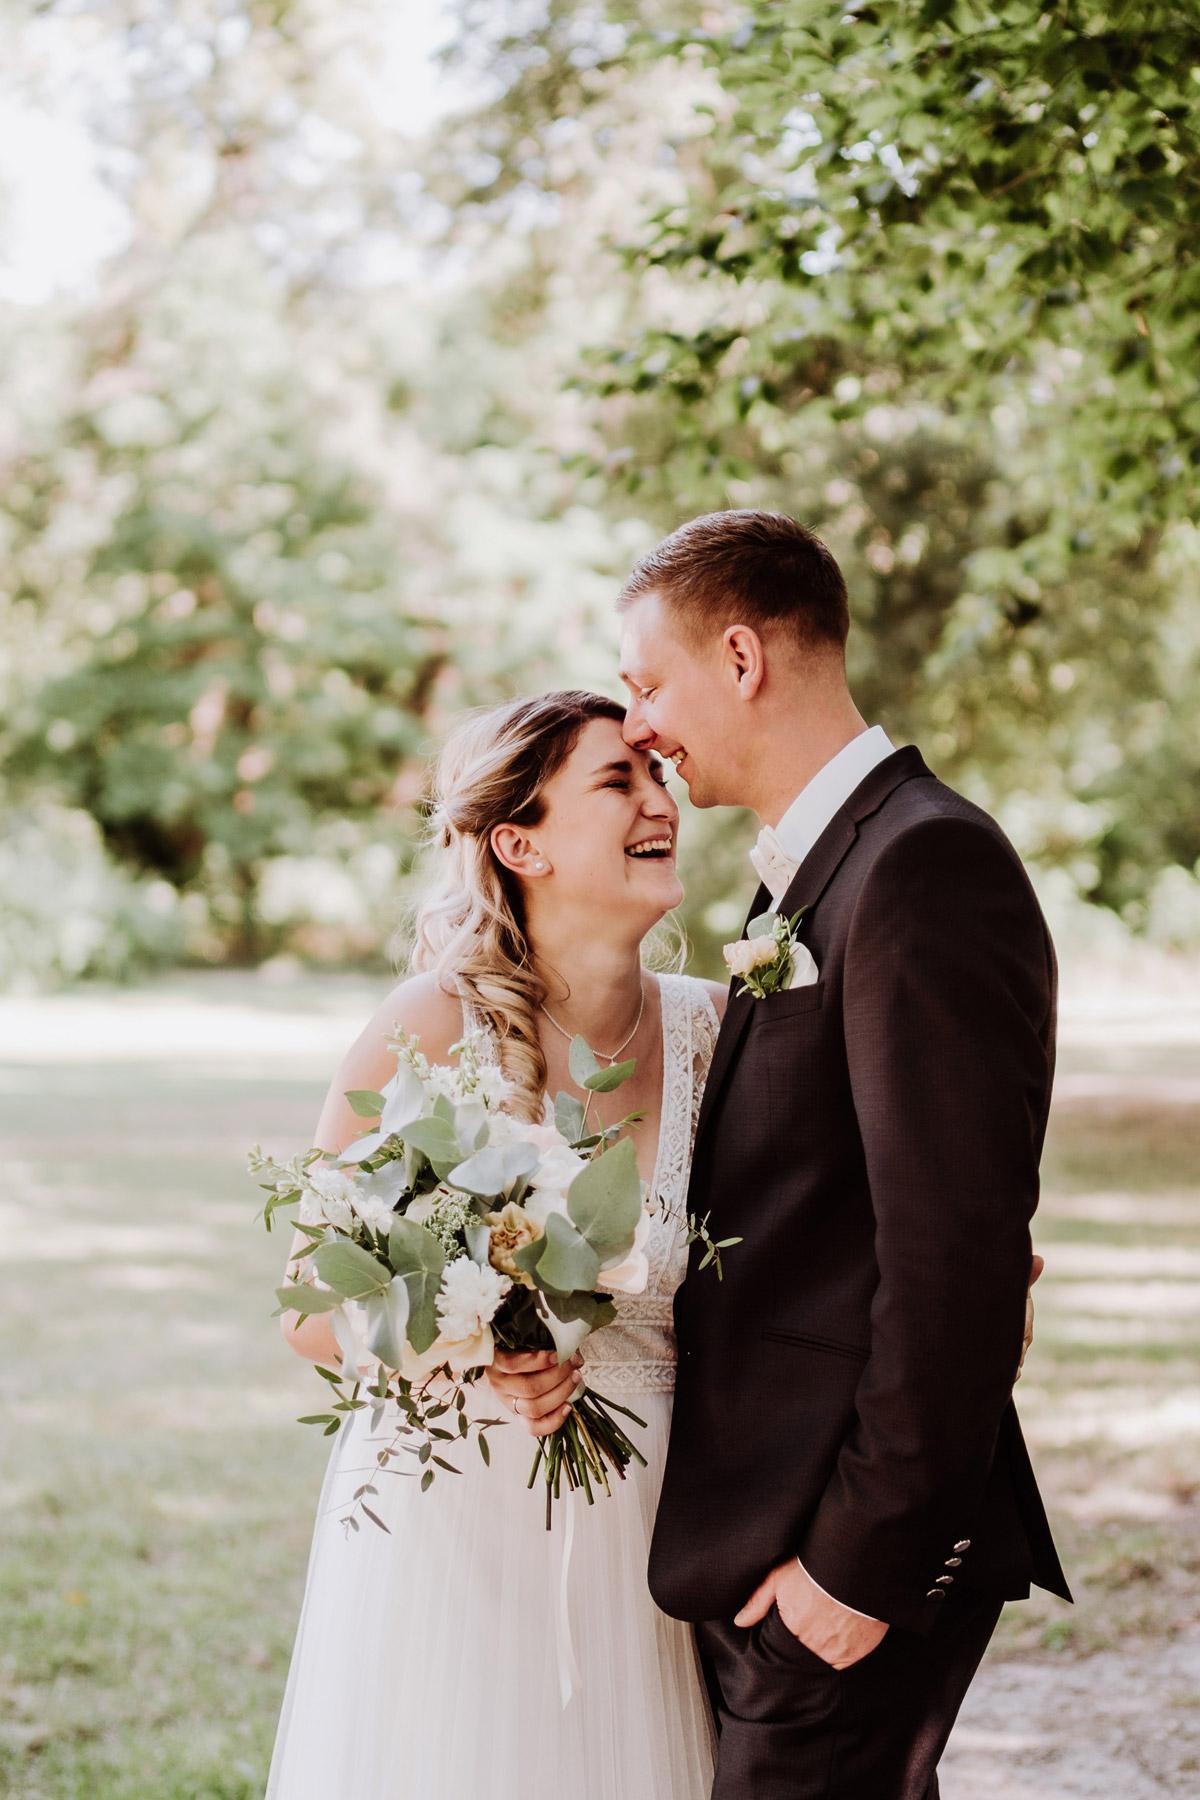 Hochzeitsfotos natürlich im Park nach Standesamt lachendes Hochzeitspaar auf Corona Hochzeit im Schloss Kartzow - #Hochzeitsfotos aus Berlin © www.hochzeitslicht.de #hochzeitslicht #brautpaarbilder